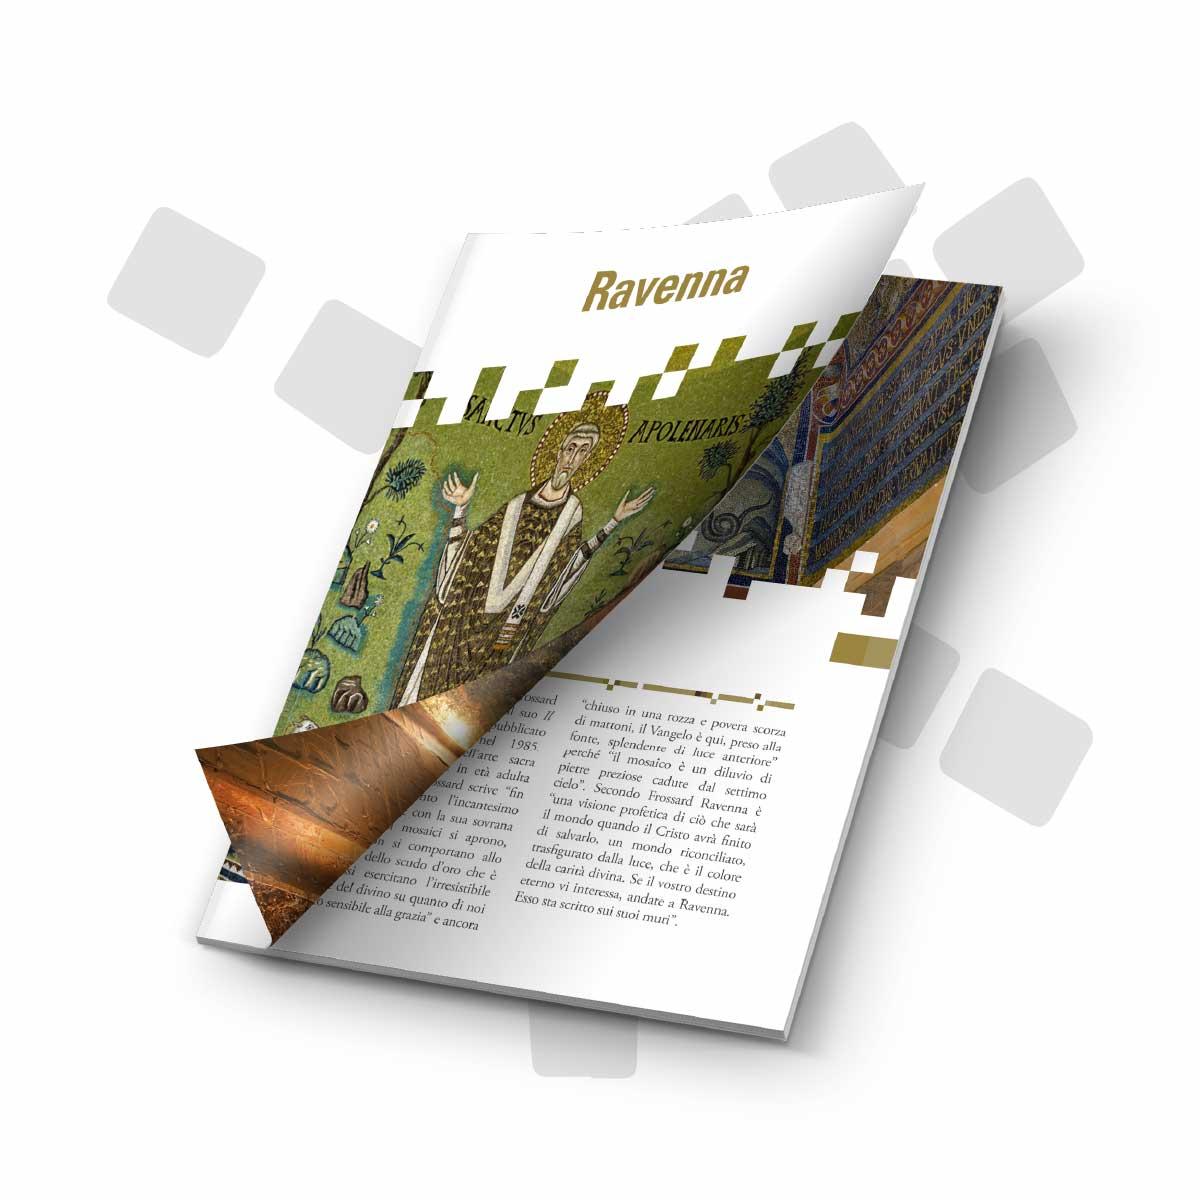 comune-di-ravenna-marketing-turismo-branding-1